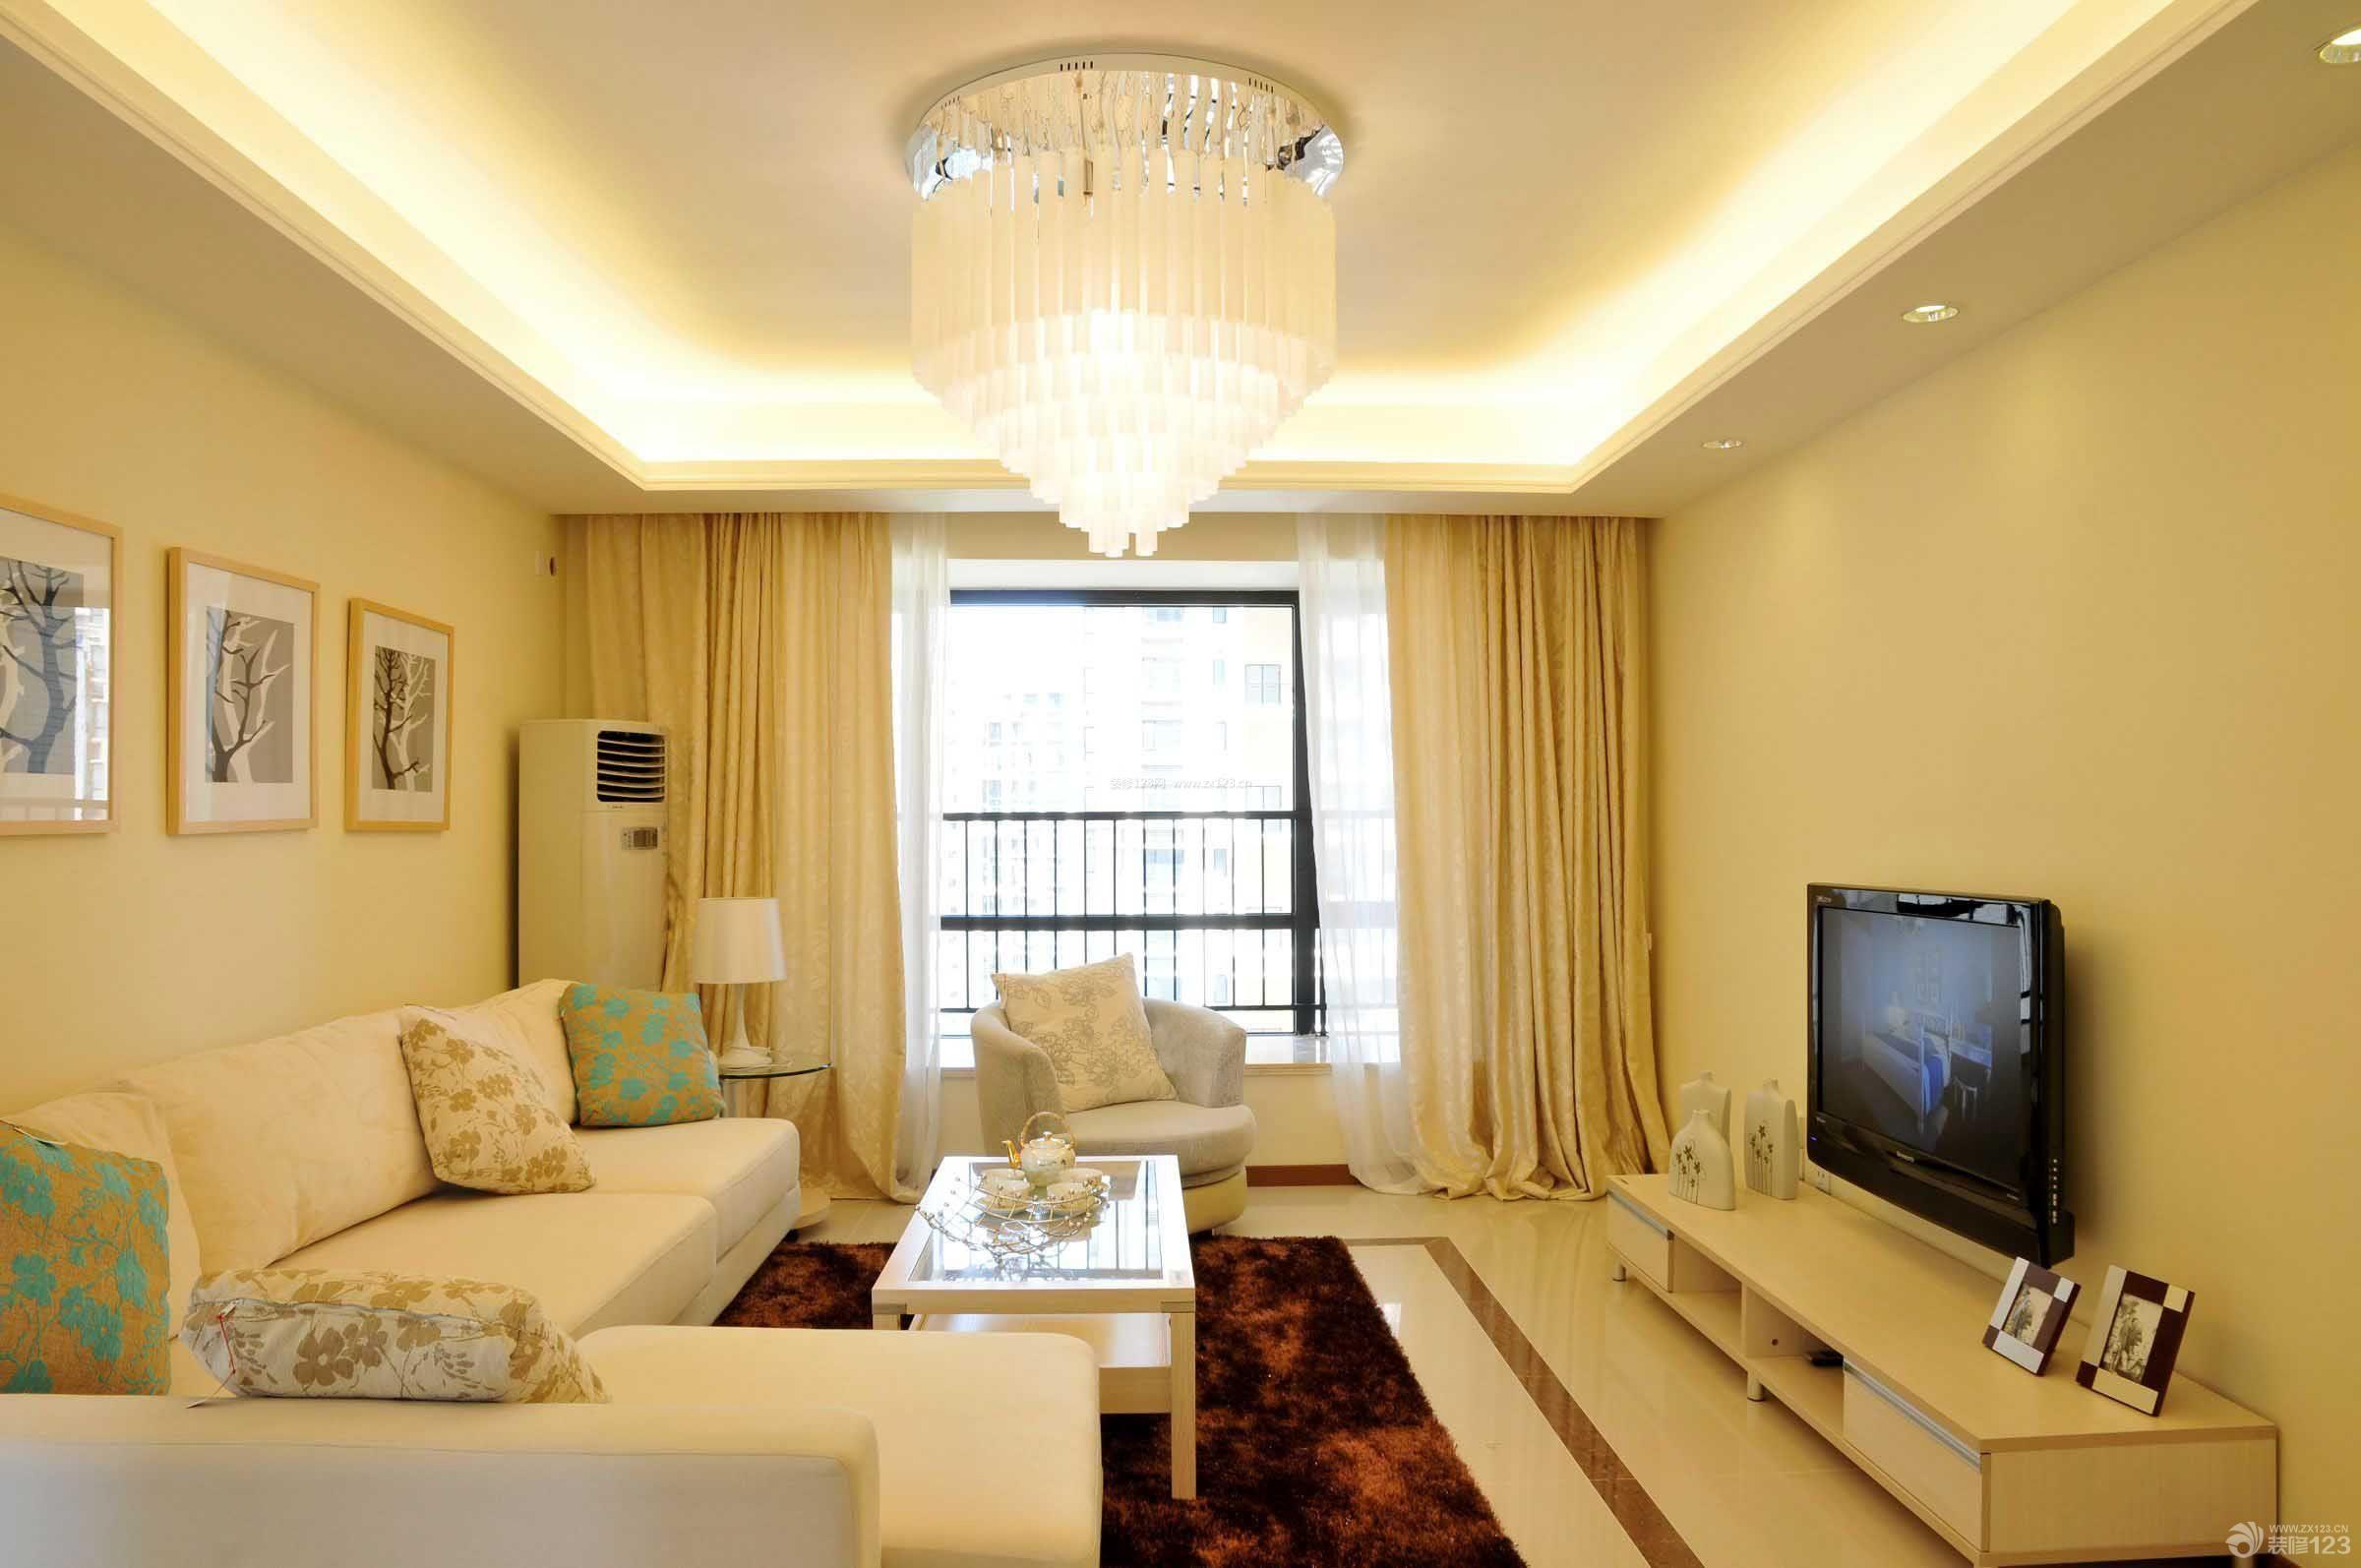 现代简约风格90平米三室一厅两卫家装客厅装修设计效果图